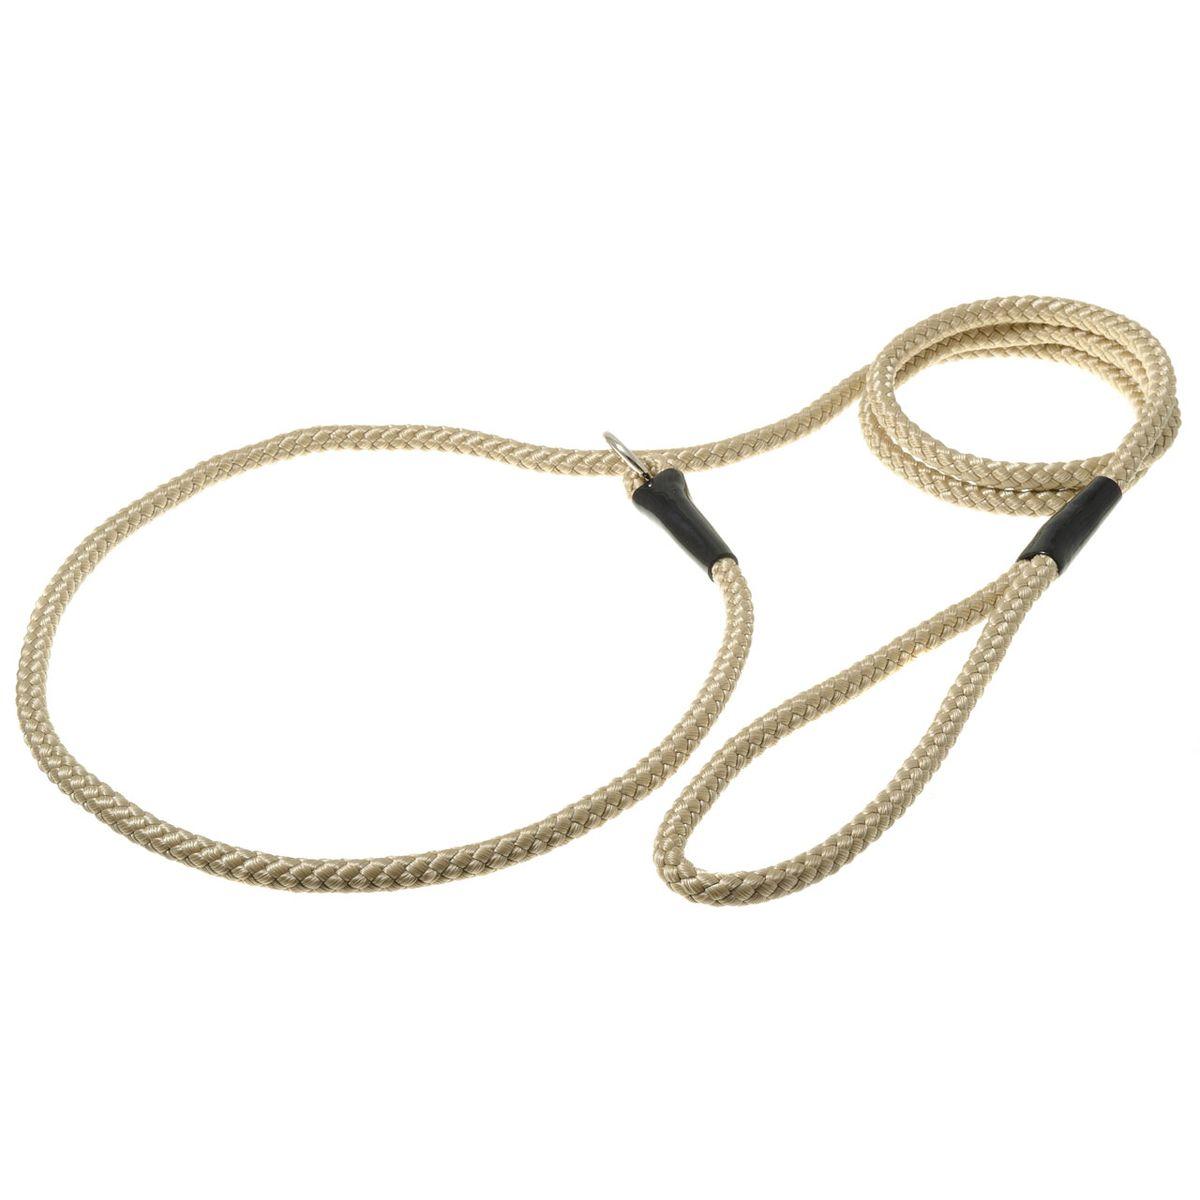 Поводок для собак V.I.Pet, цвет: кэмел, диаметр 8 мм, длина 1,7 м поводок для собак collar soft цвет коричневый диаметр 6 мм длина 1 83 м